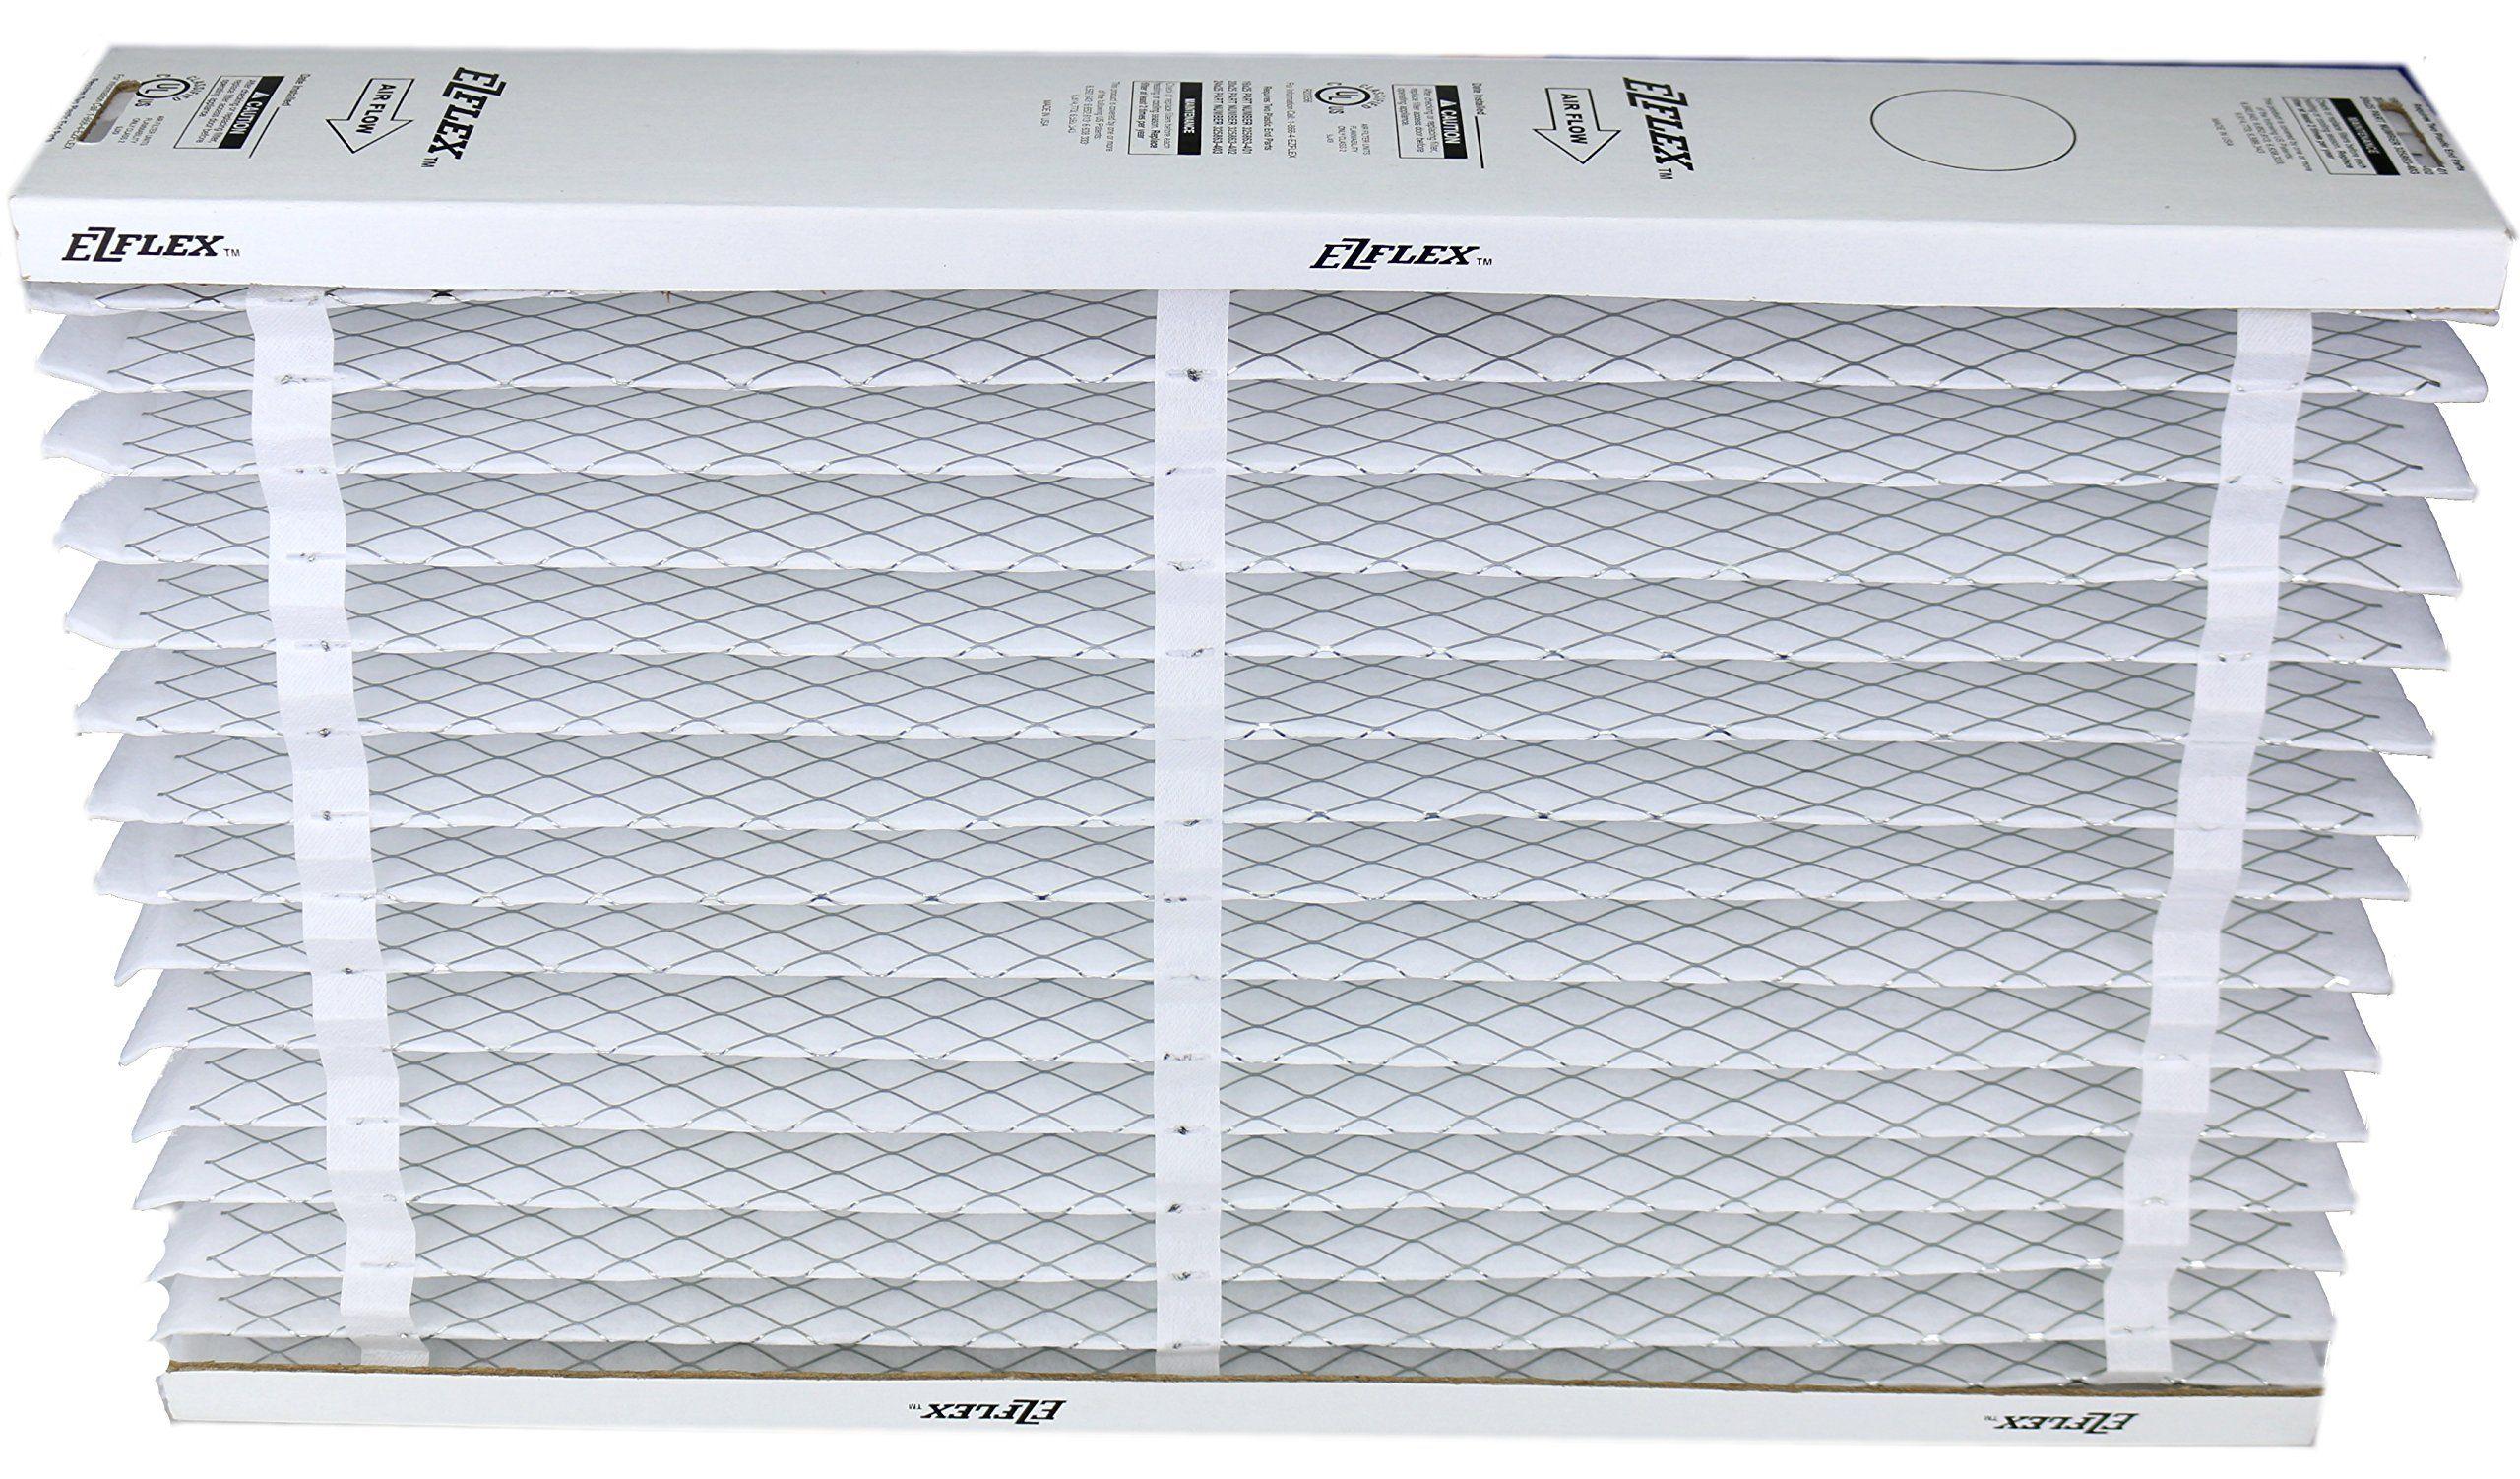 Carrier Bryant Expxxfil0020 20 X 25 X 5 Merv 10 Ez Flex Air Filter Ad Carrier Ad Bryant Merv Air Merv Air Filter Lights Air Filter